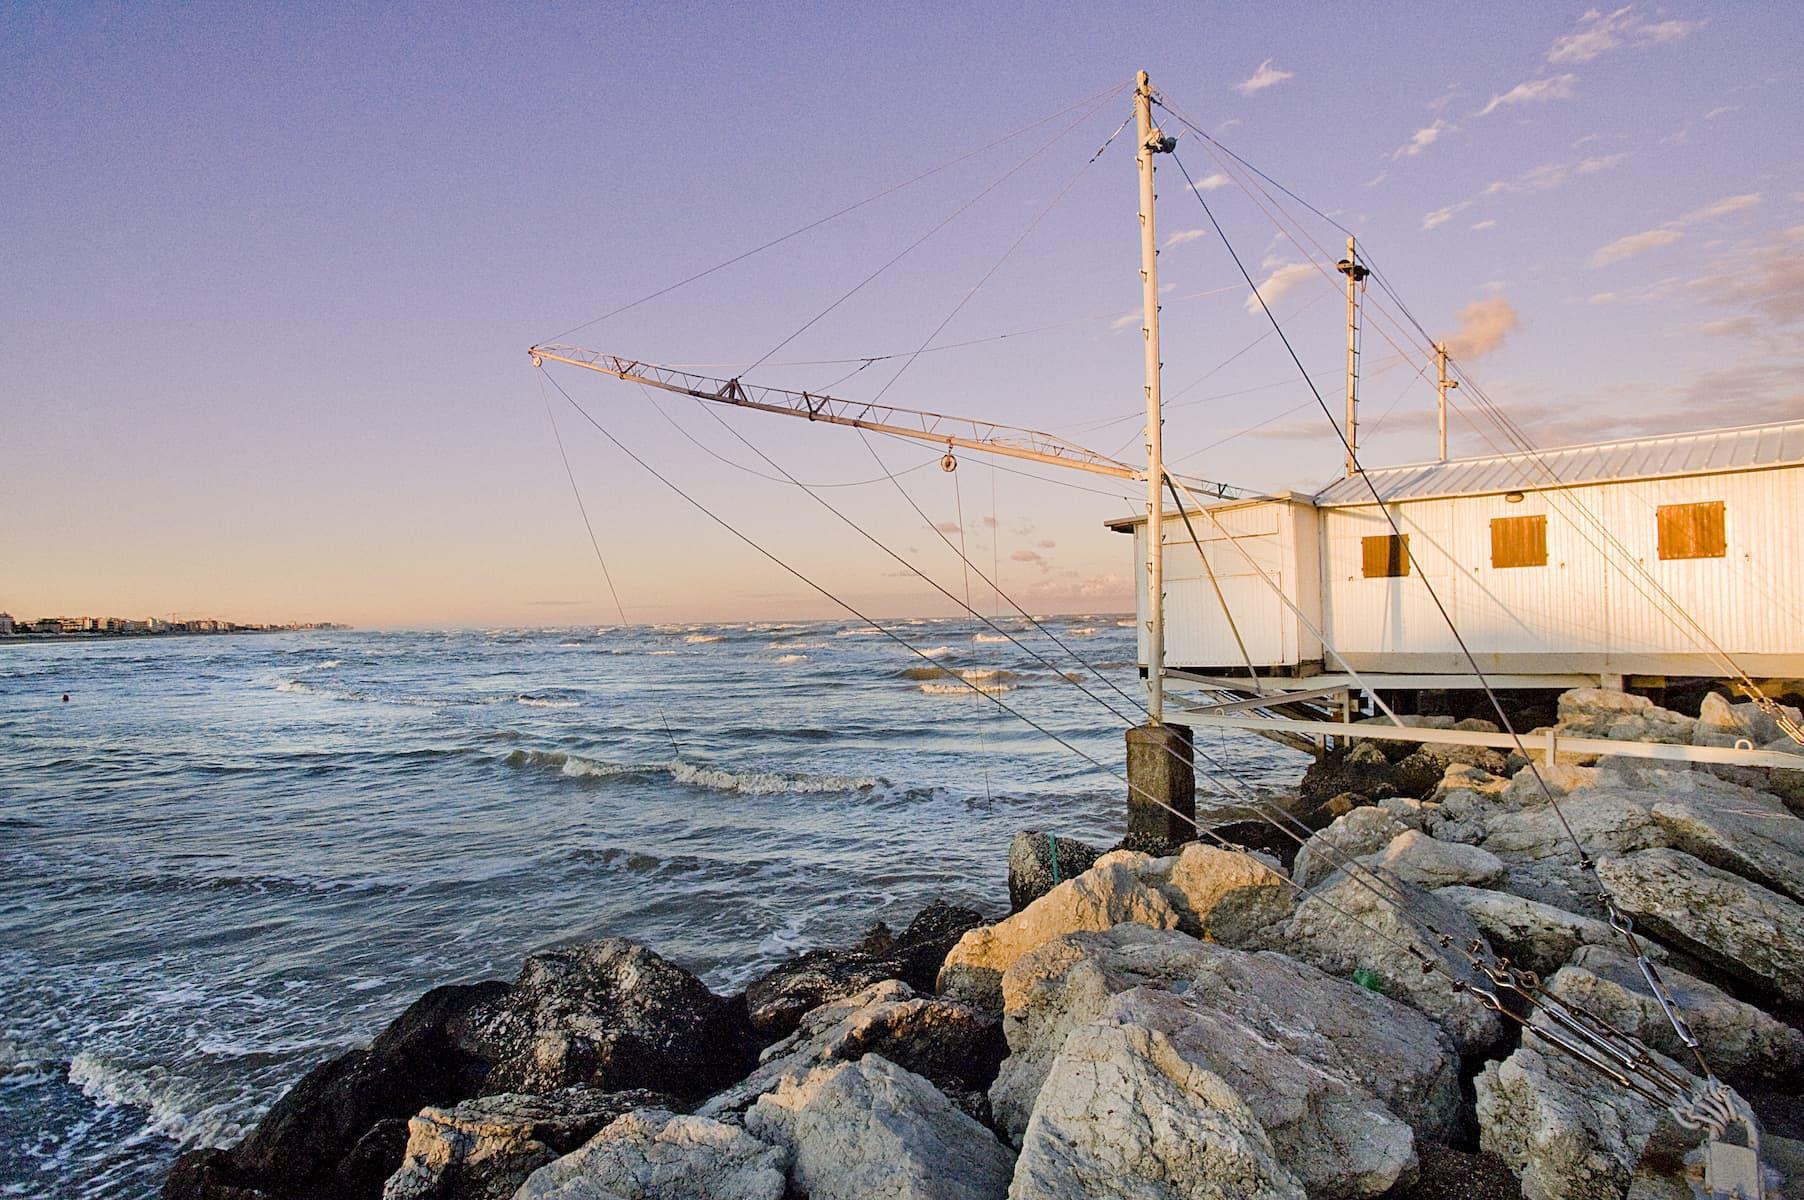 Cervia Fishing Huts | Ph. Simone Manzo